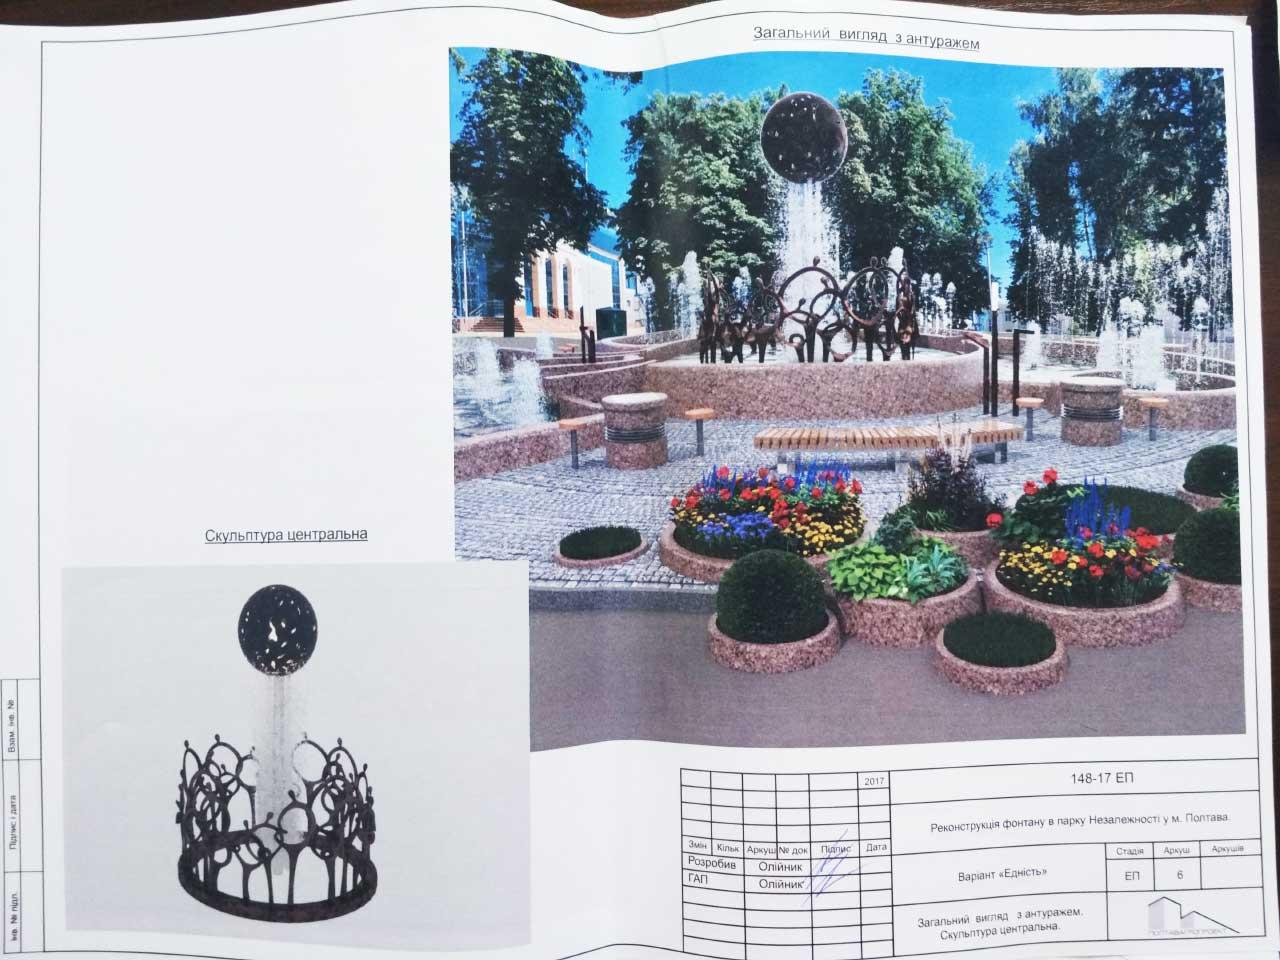 Ескіз проекту реконструкції фонтана